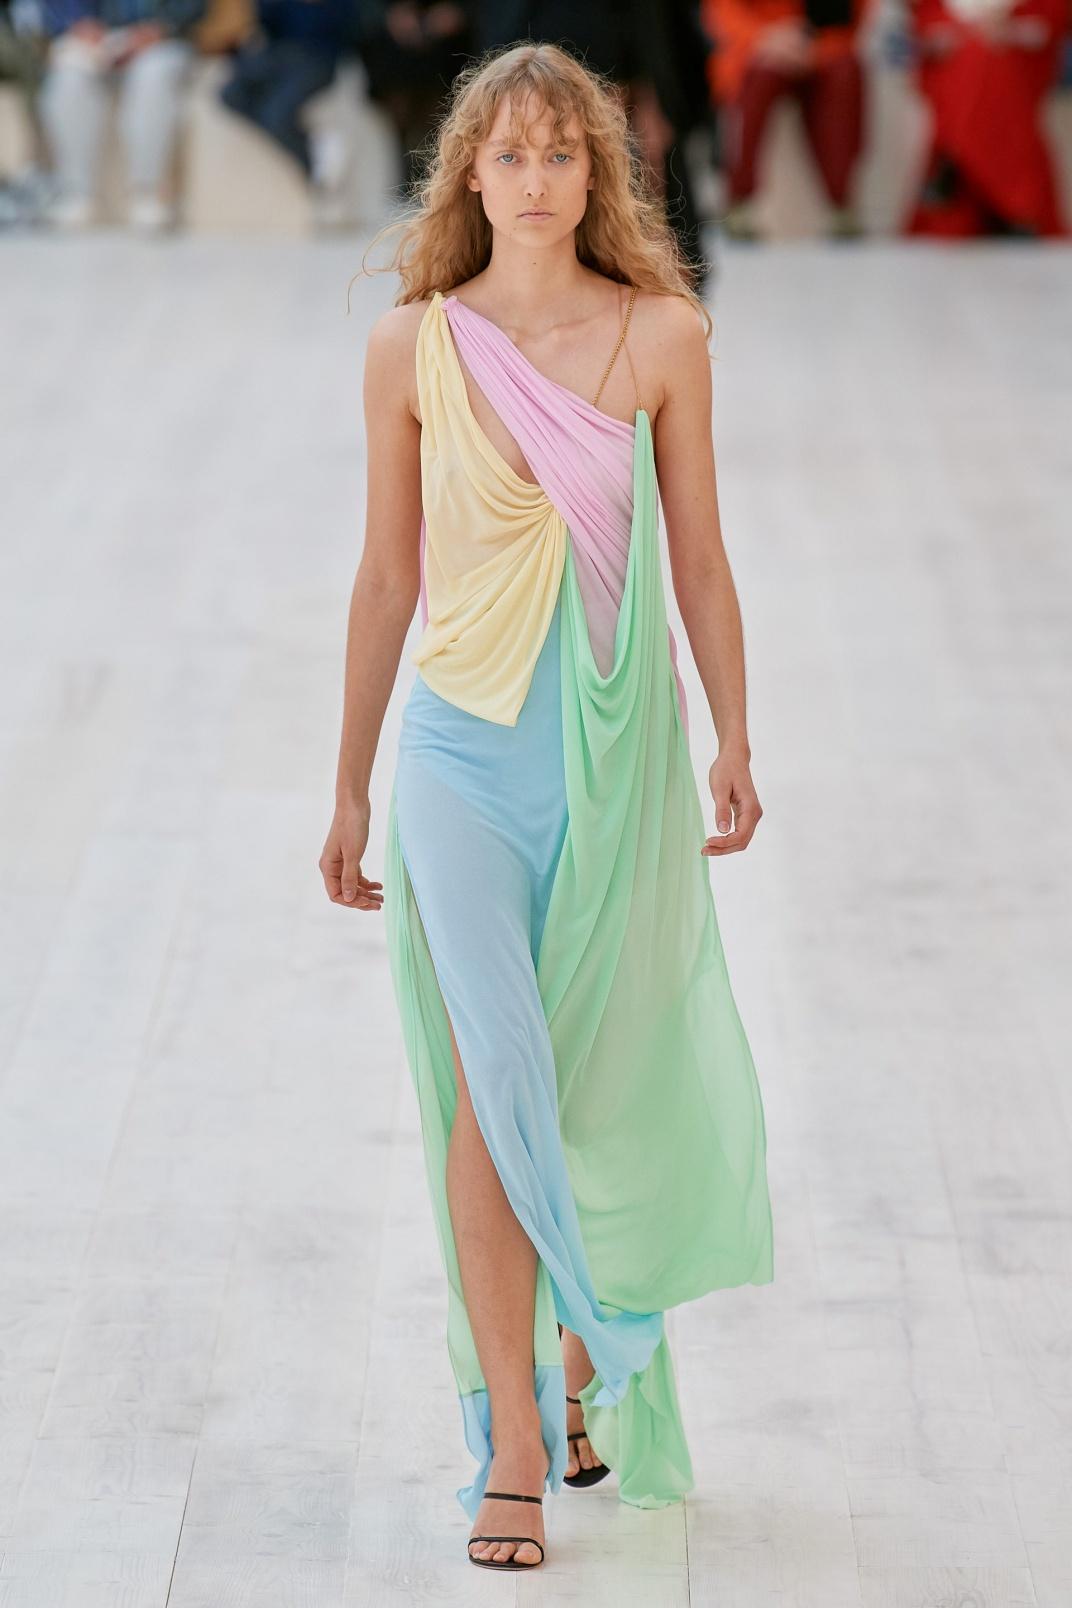 Paris 1. loewe sheer drapes pastels vog.jpg